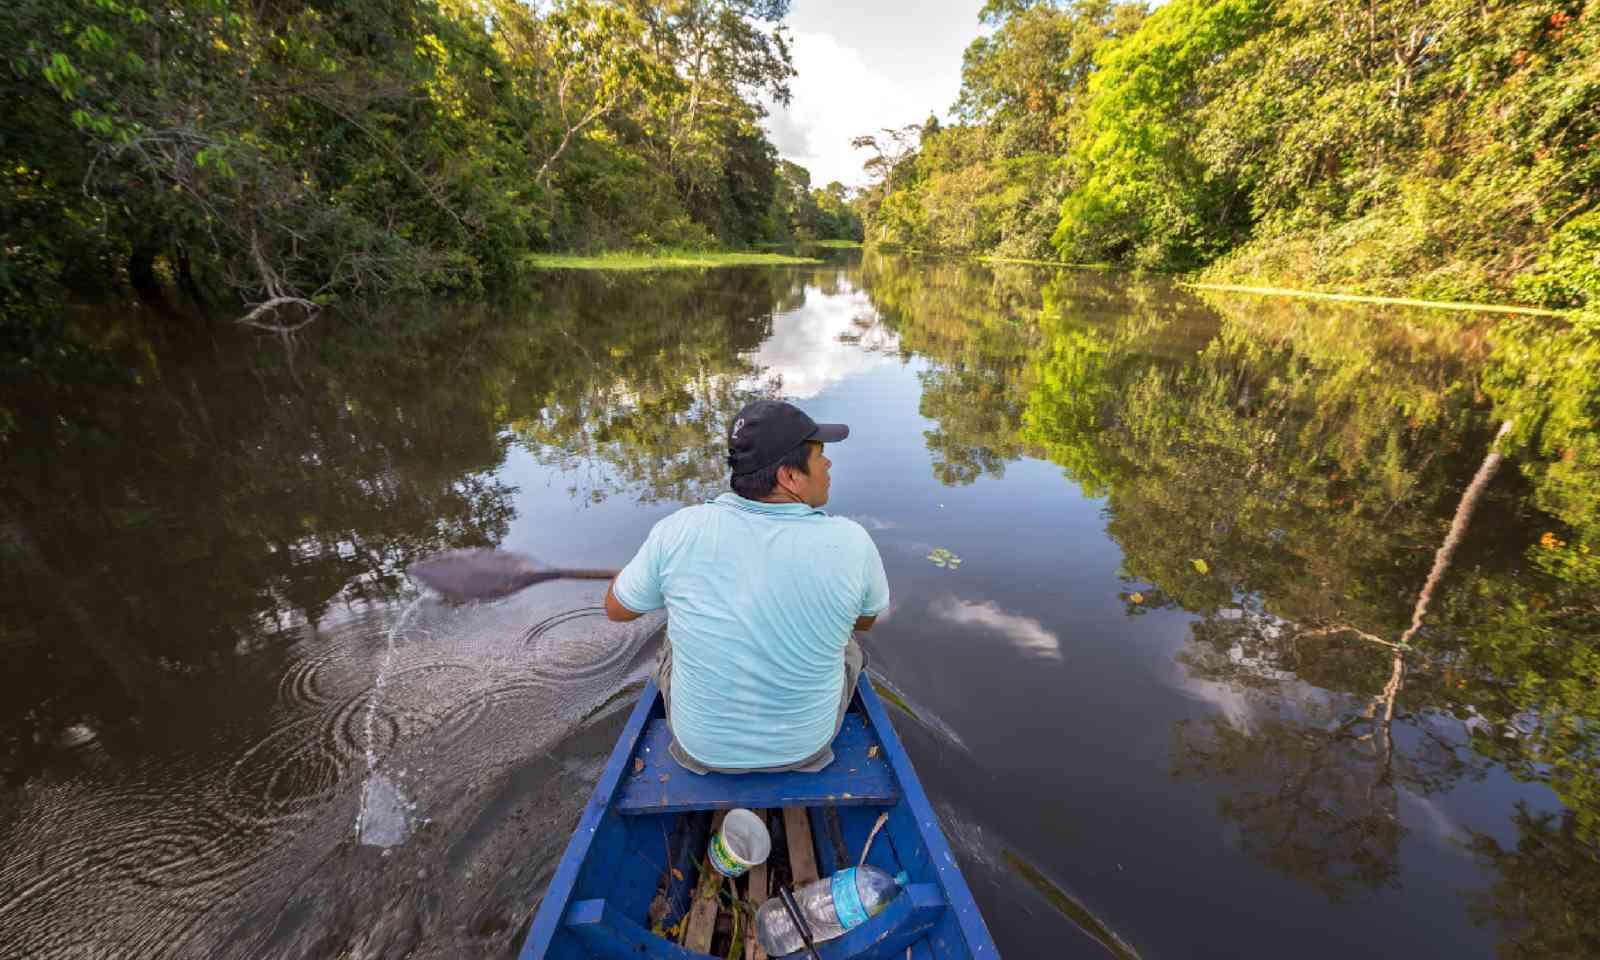 Iquitos, Peru (Shutterstock)